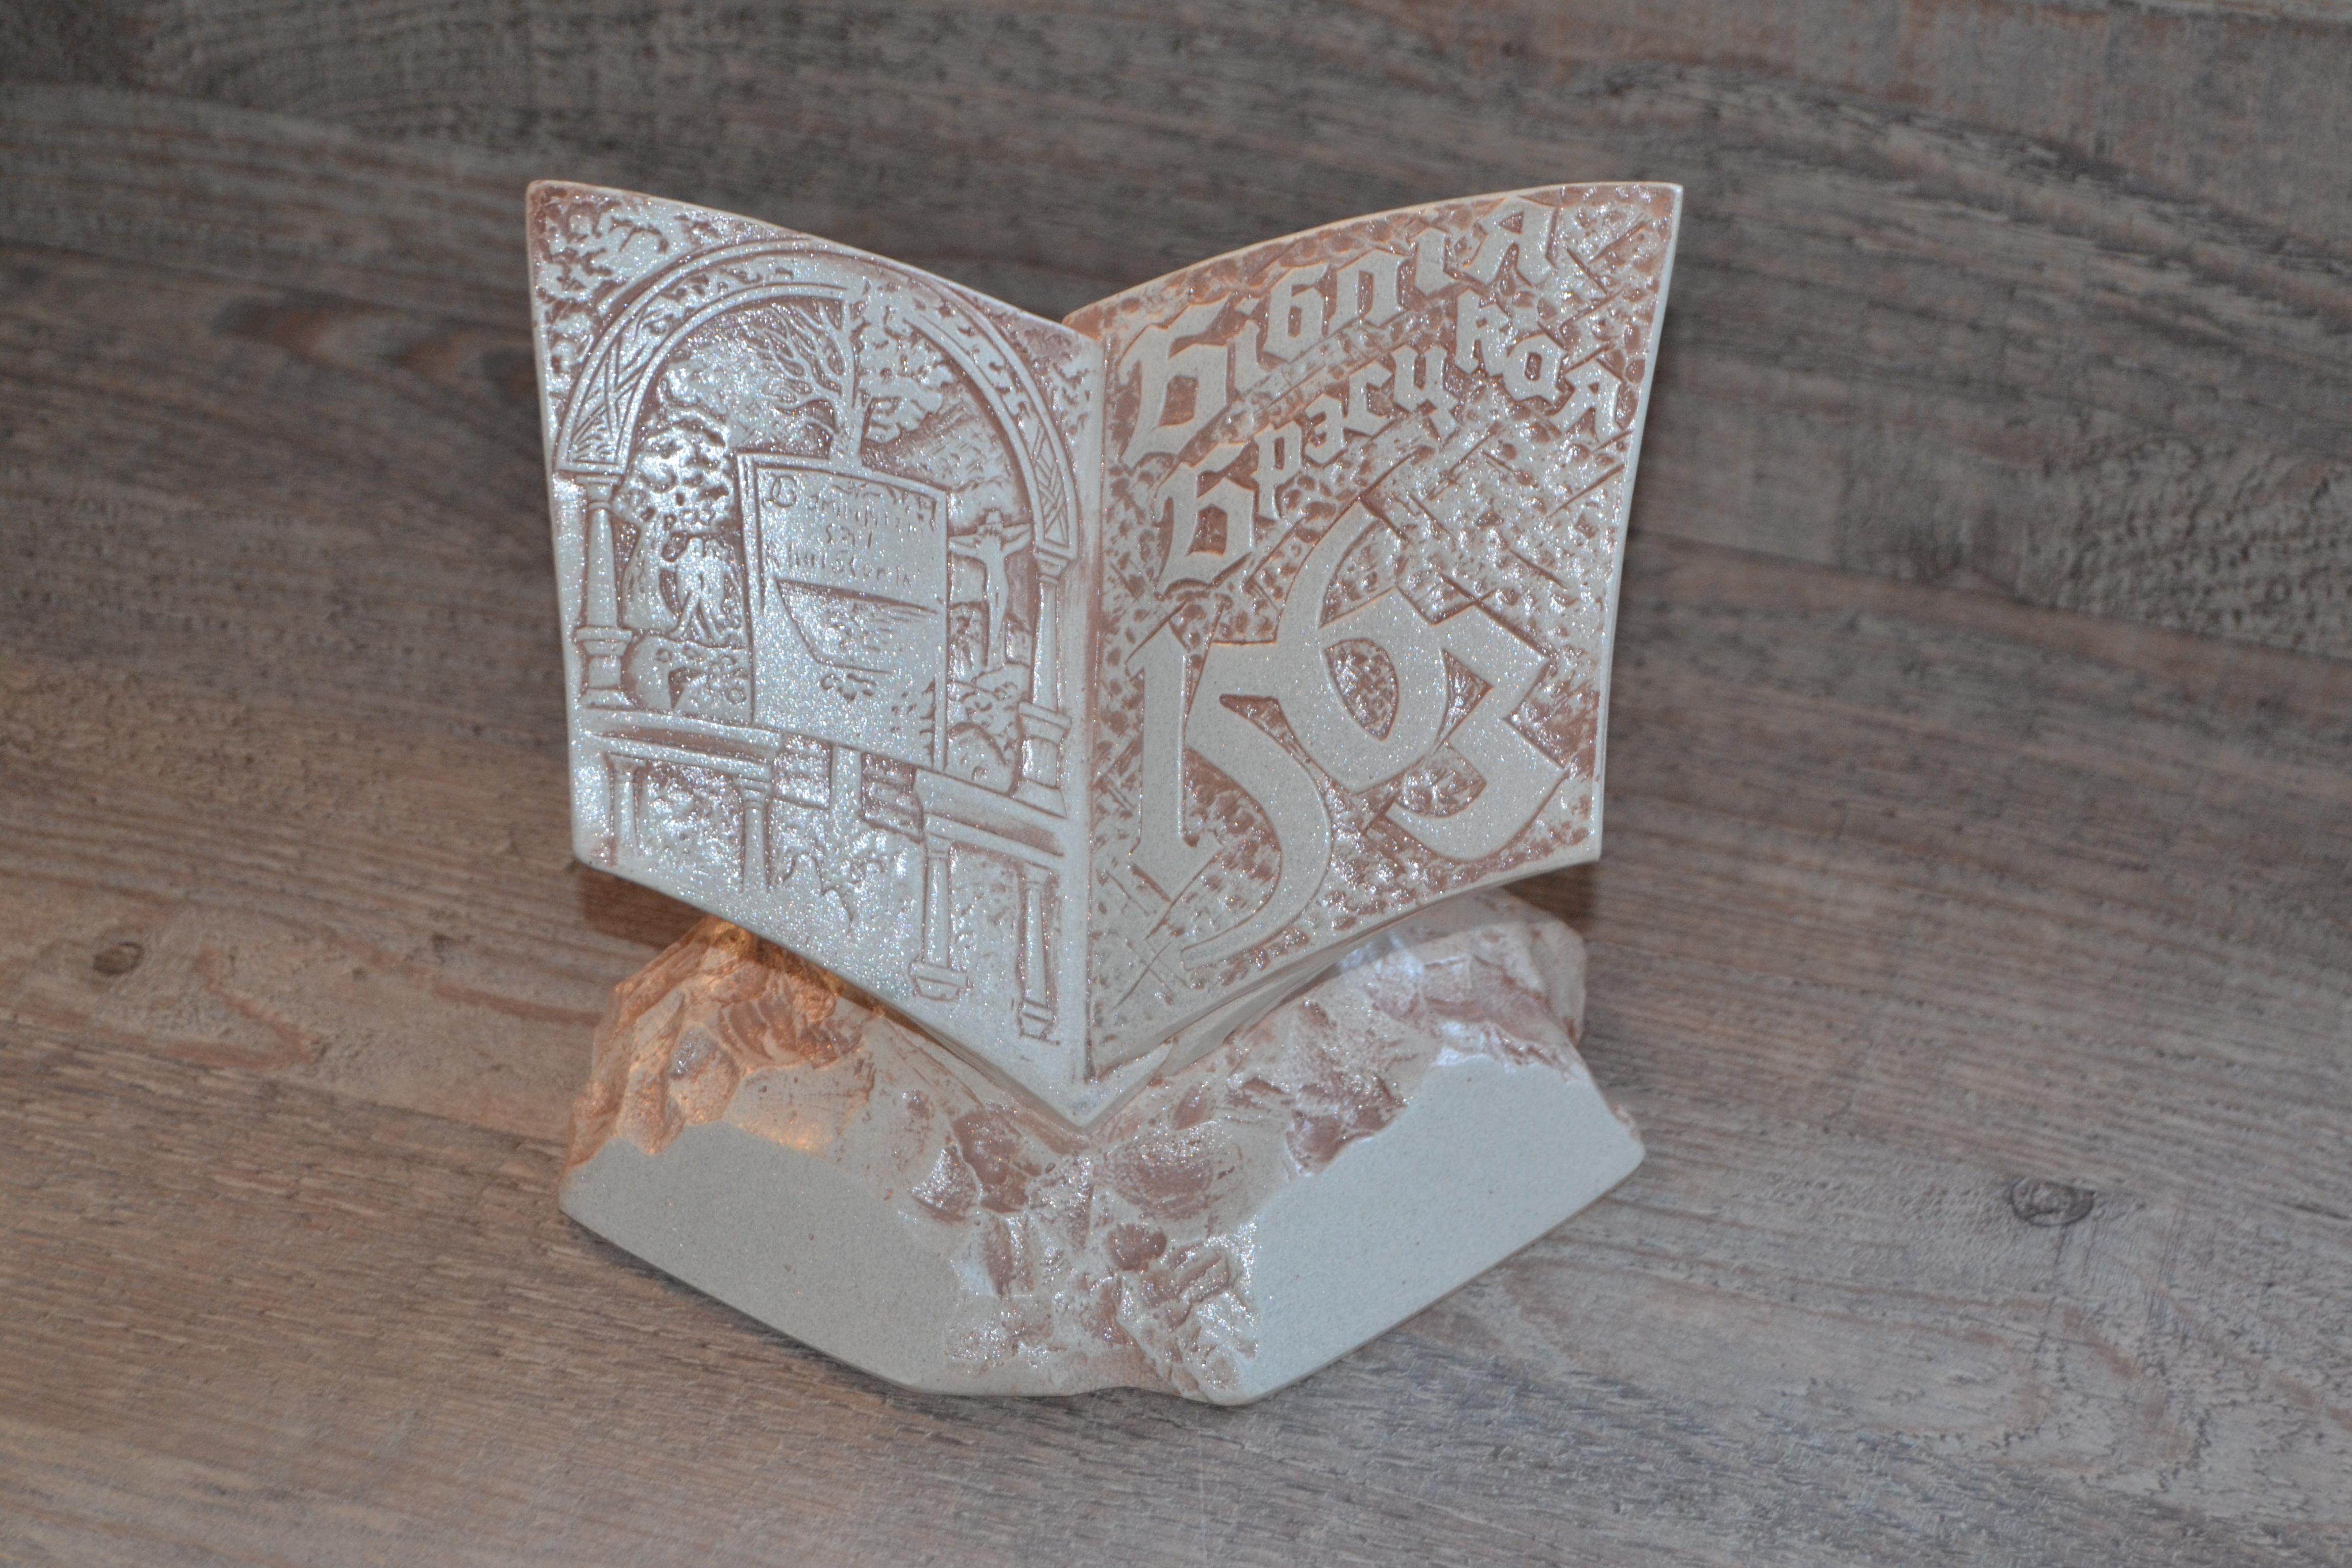 «Брестская Библия» в миниатюре. Копии памятного знака вручены библиотеке и председателю Брестского горисполкома